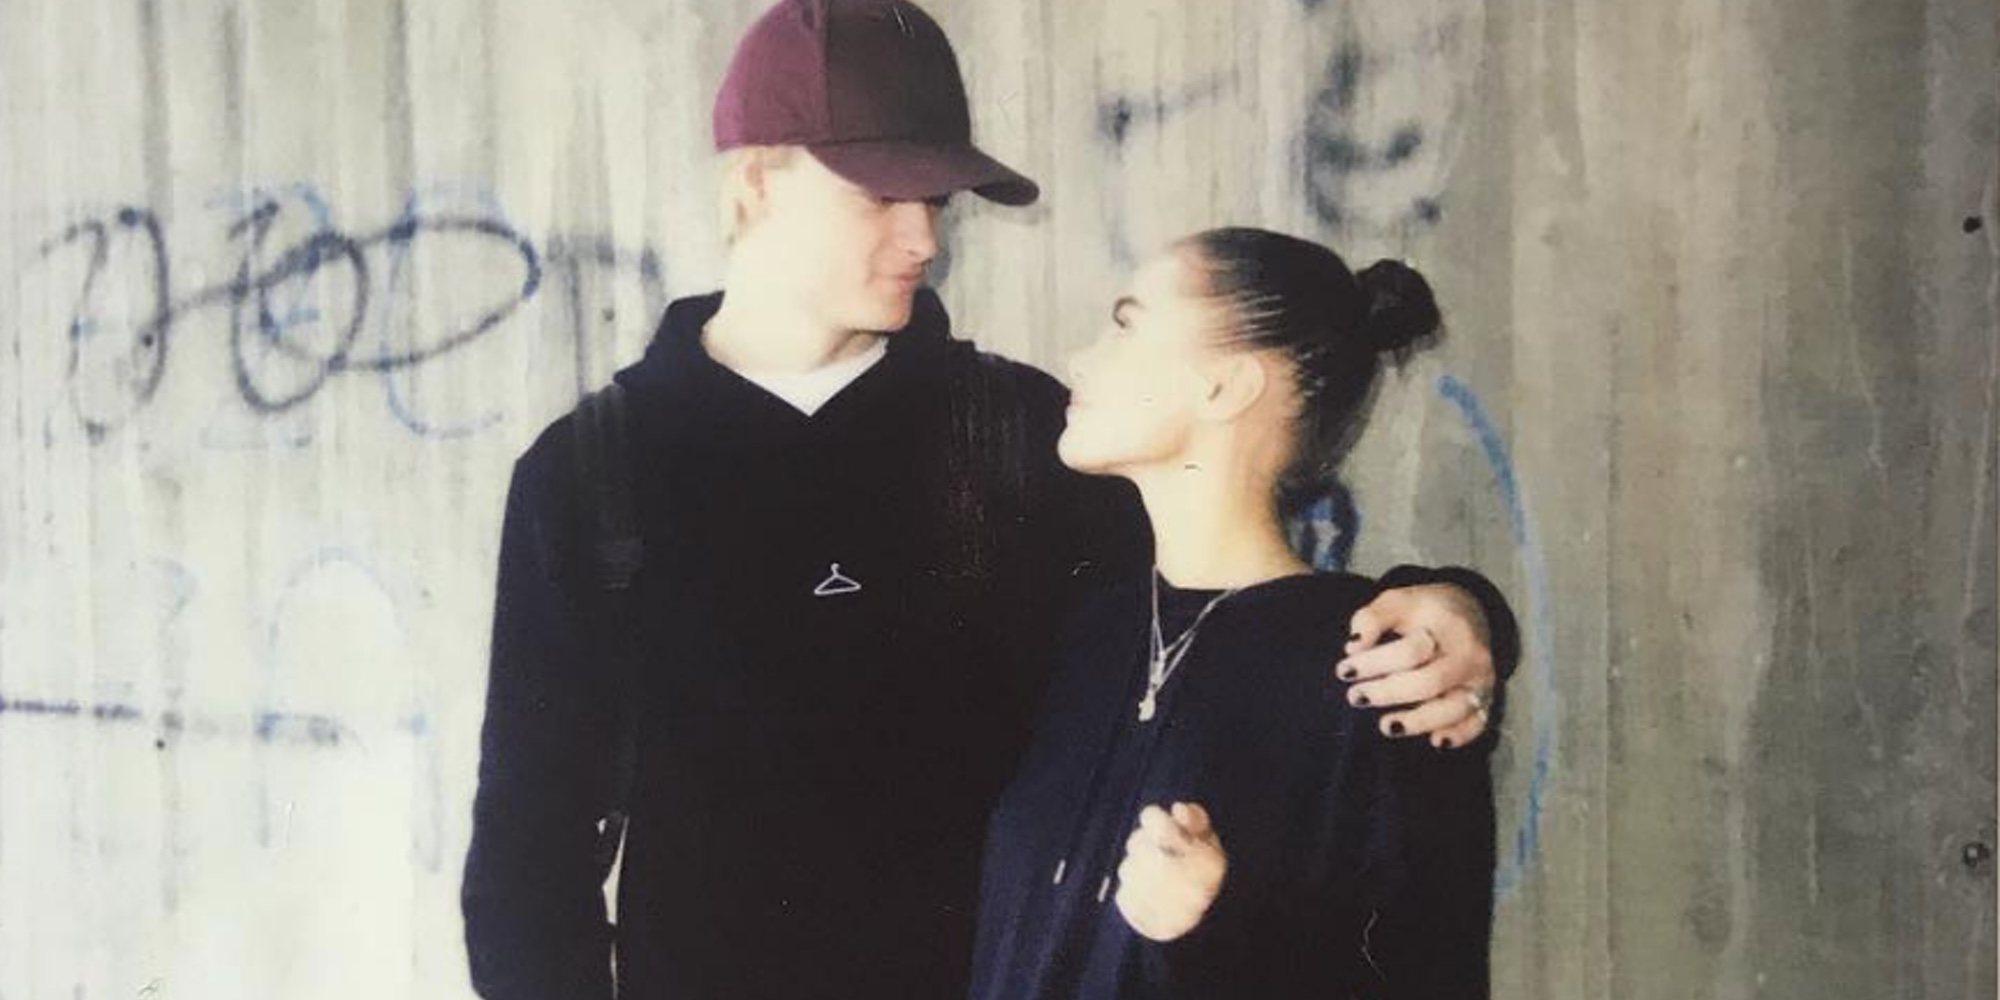 Marius Borg, hijo de Mette-Marit, se compra una casa en Oslo con su novia Juliane Snekkestad